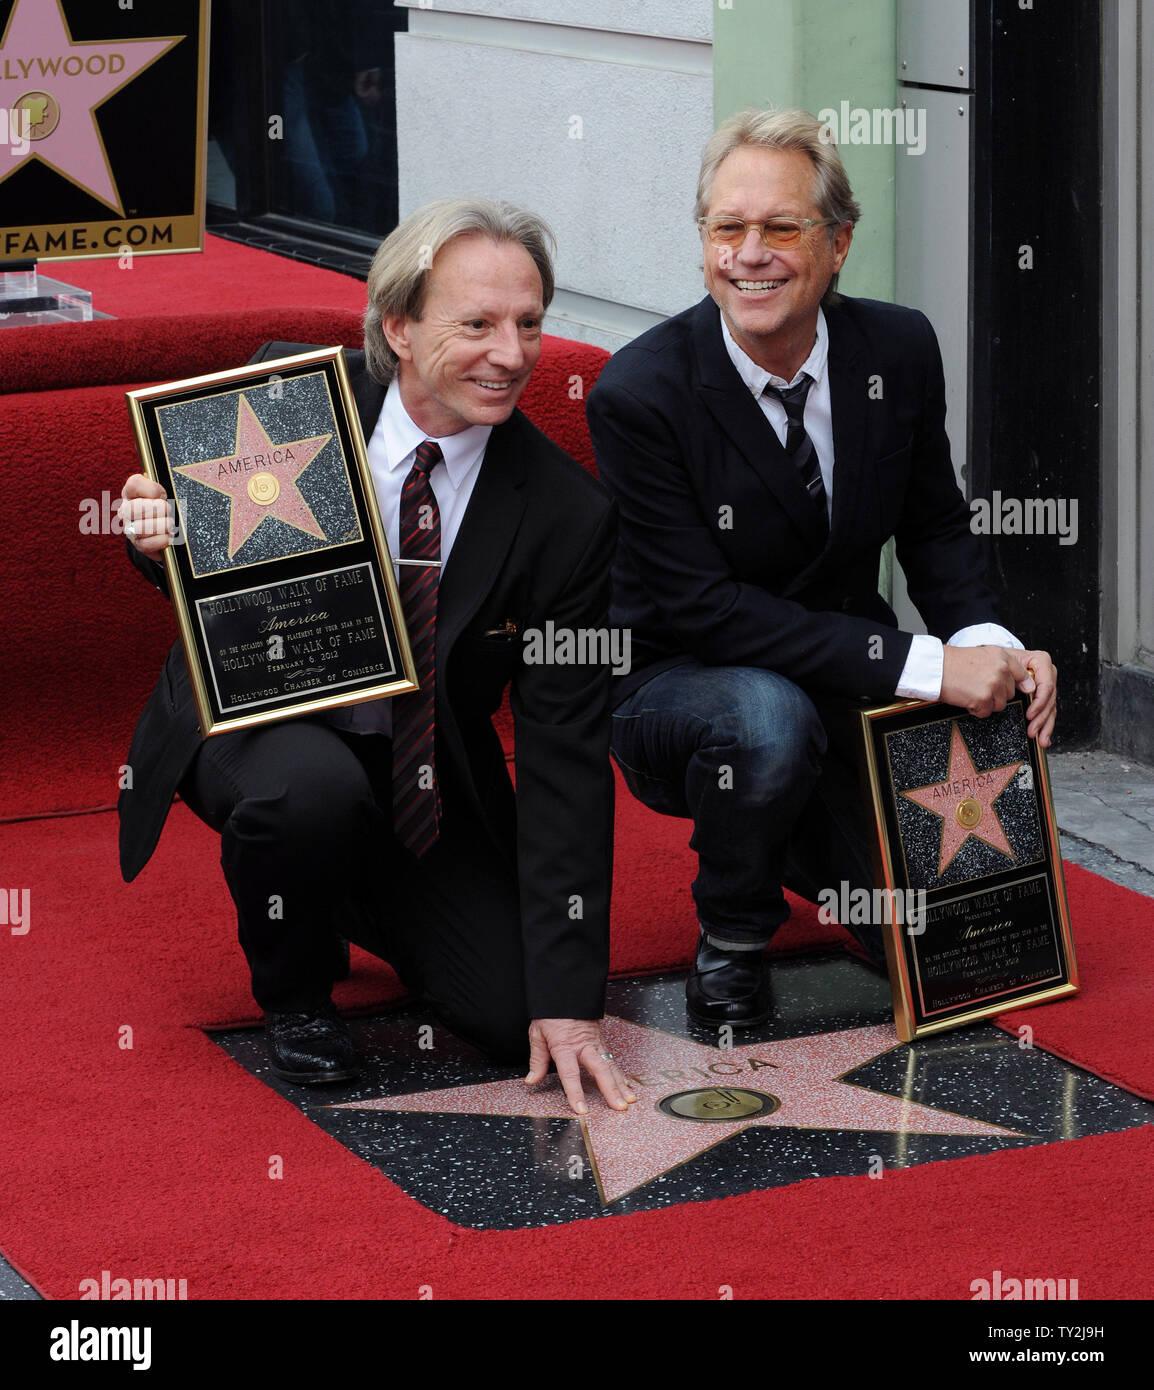 """Grupo de rock clásico y ganador de un premio Grammy, """"el dúo América, sujetar placas de réplica después de que fueron honrados con el 2,459th estrella en el Paseo de la Fama de Hollywood durante una ceremonia en Los Angeles el 6 de febrero de 2012. UPI/Jim Ruymen Imagen De Stock"""